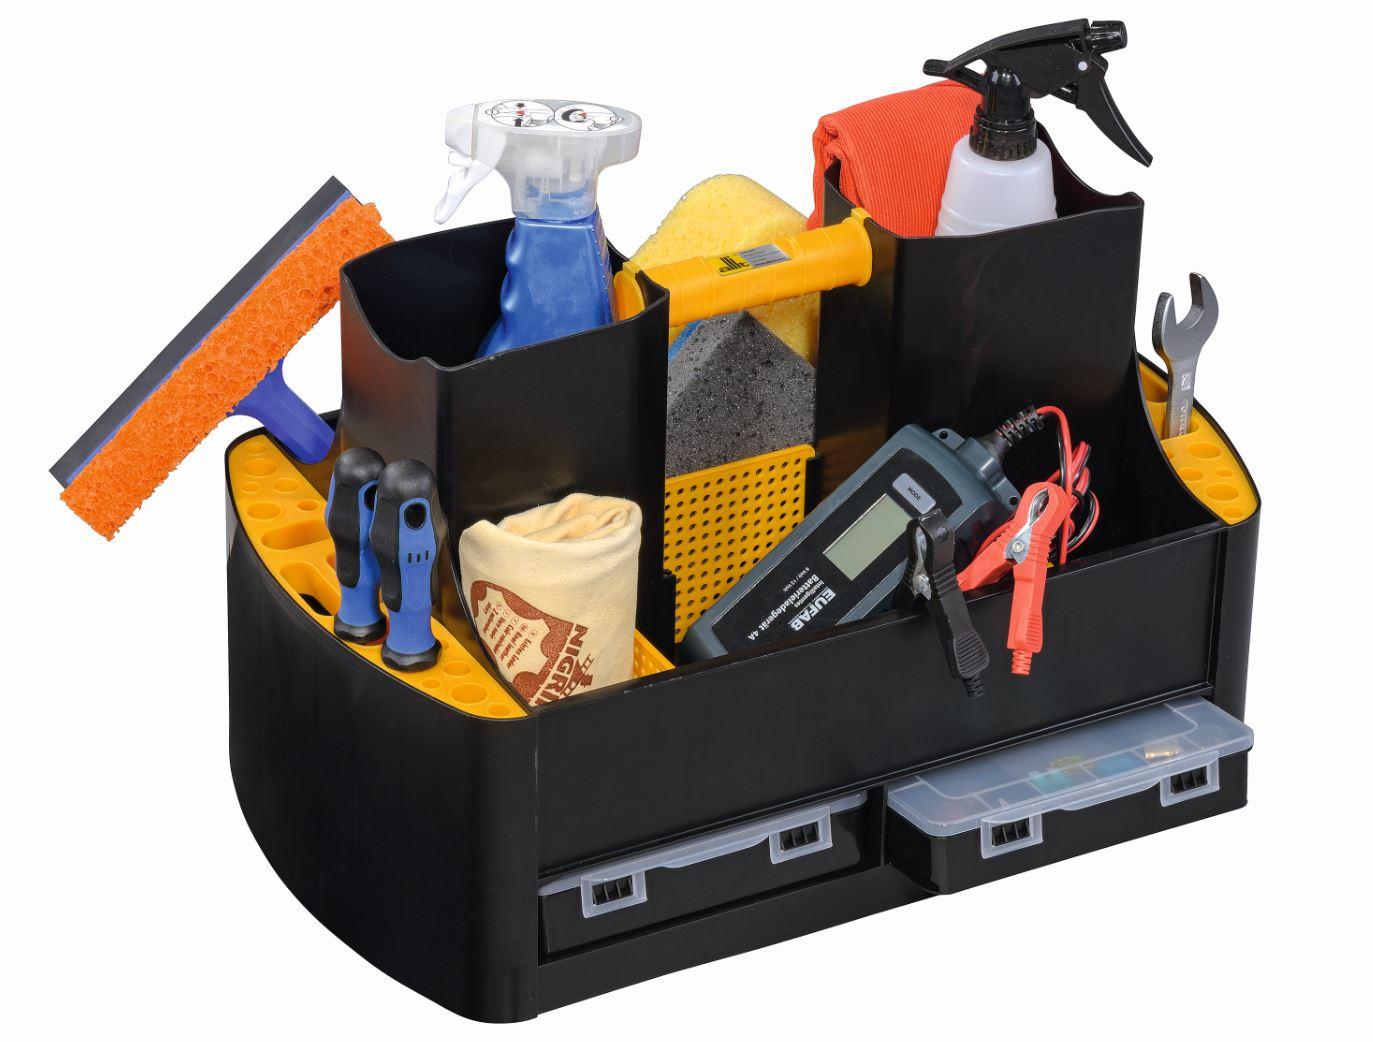 baumarkt markmiller werkers welt handwerkzeug werkzeugkoffer k sten werkzeug. Black Bedroom Furniture Sets. Home Design Ideas